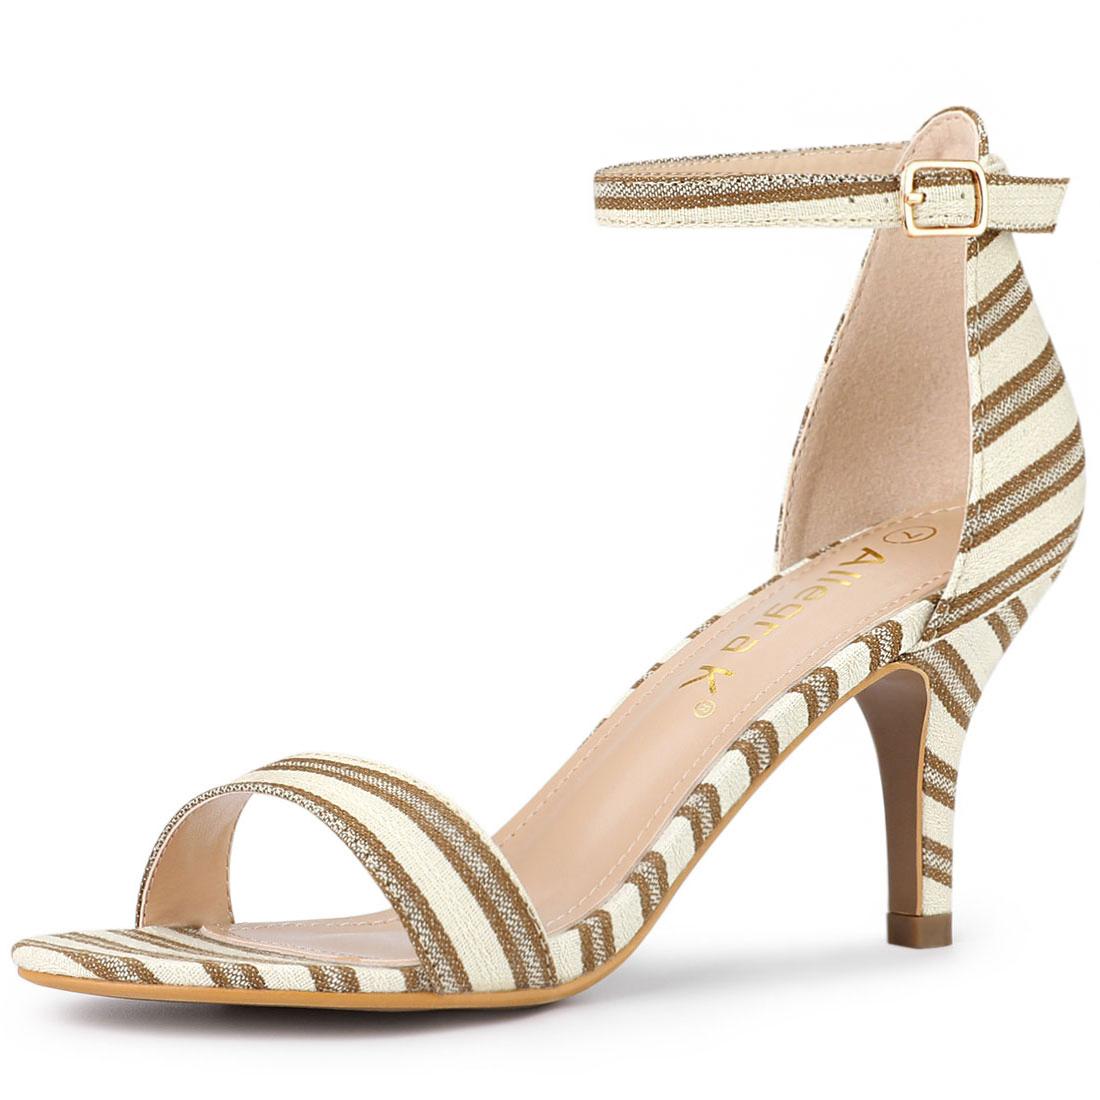 Allegra K Women's Stripe Ankle Strap Stiletto Heel Sandals Brown US 6